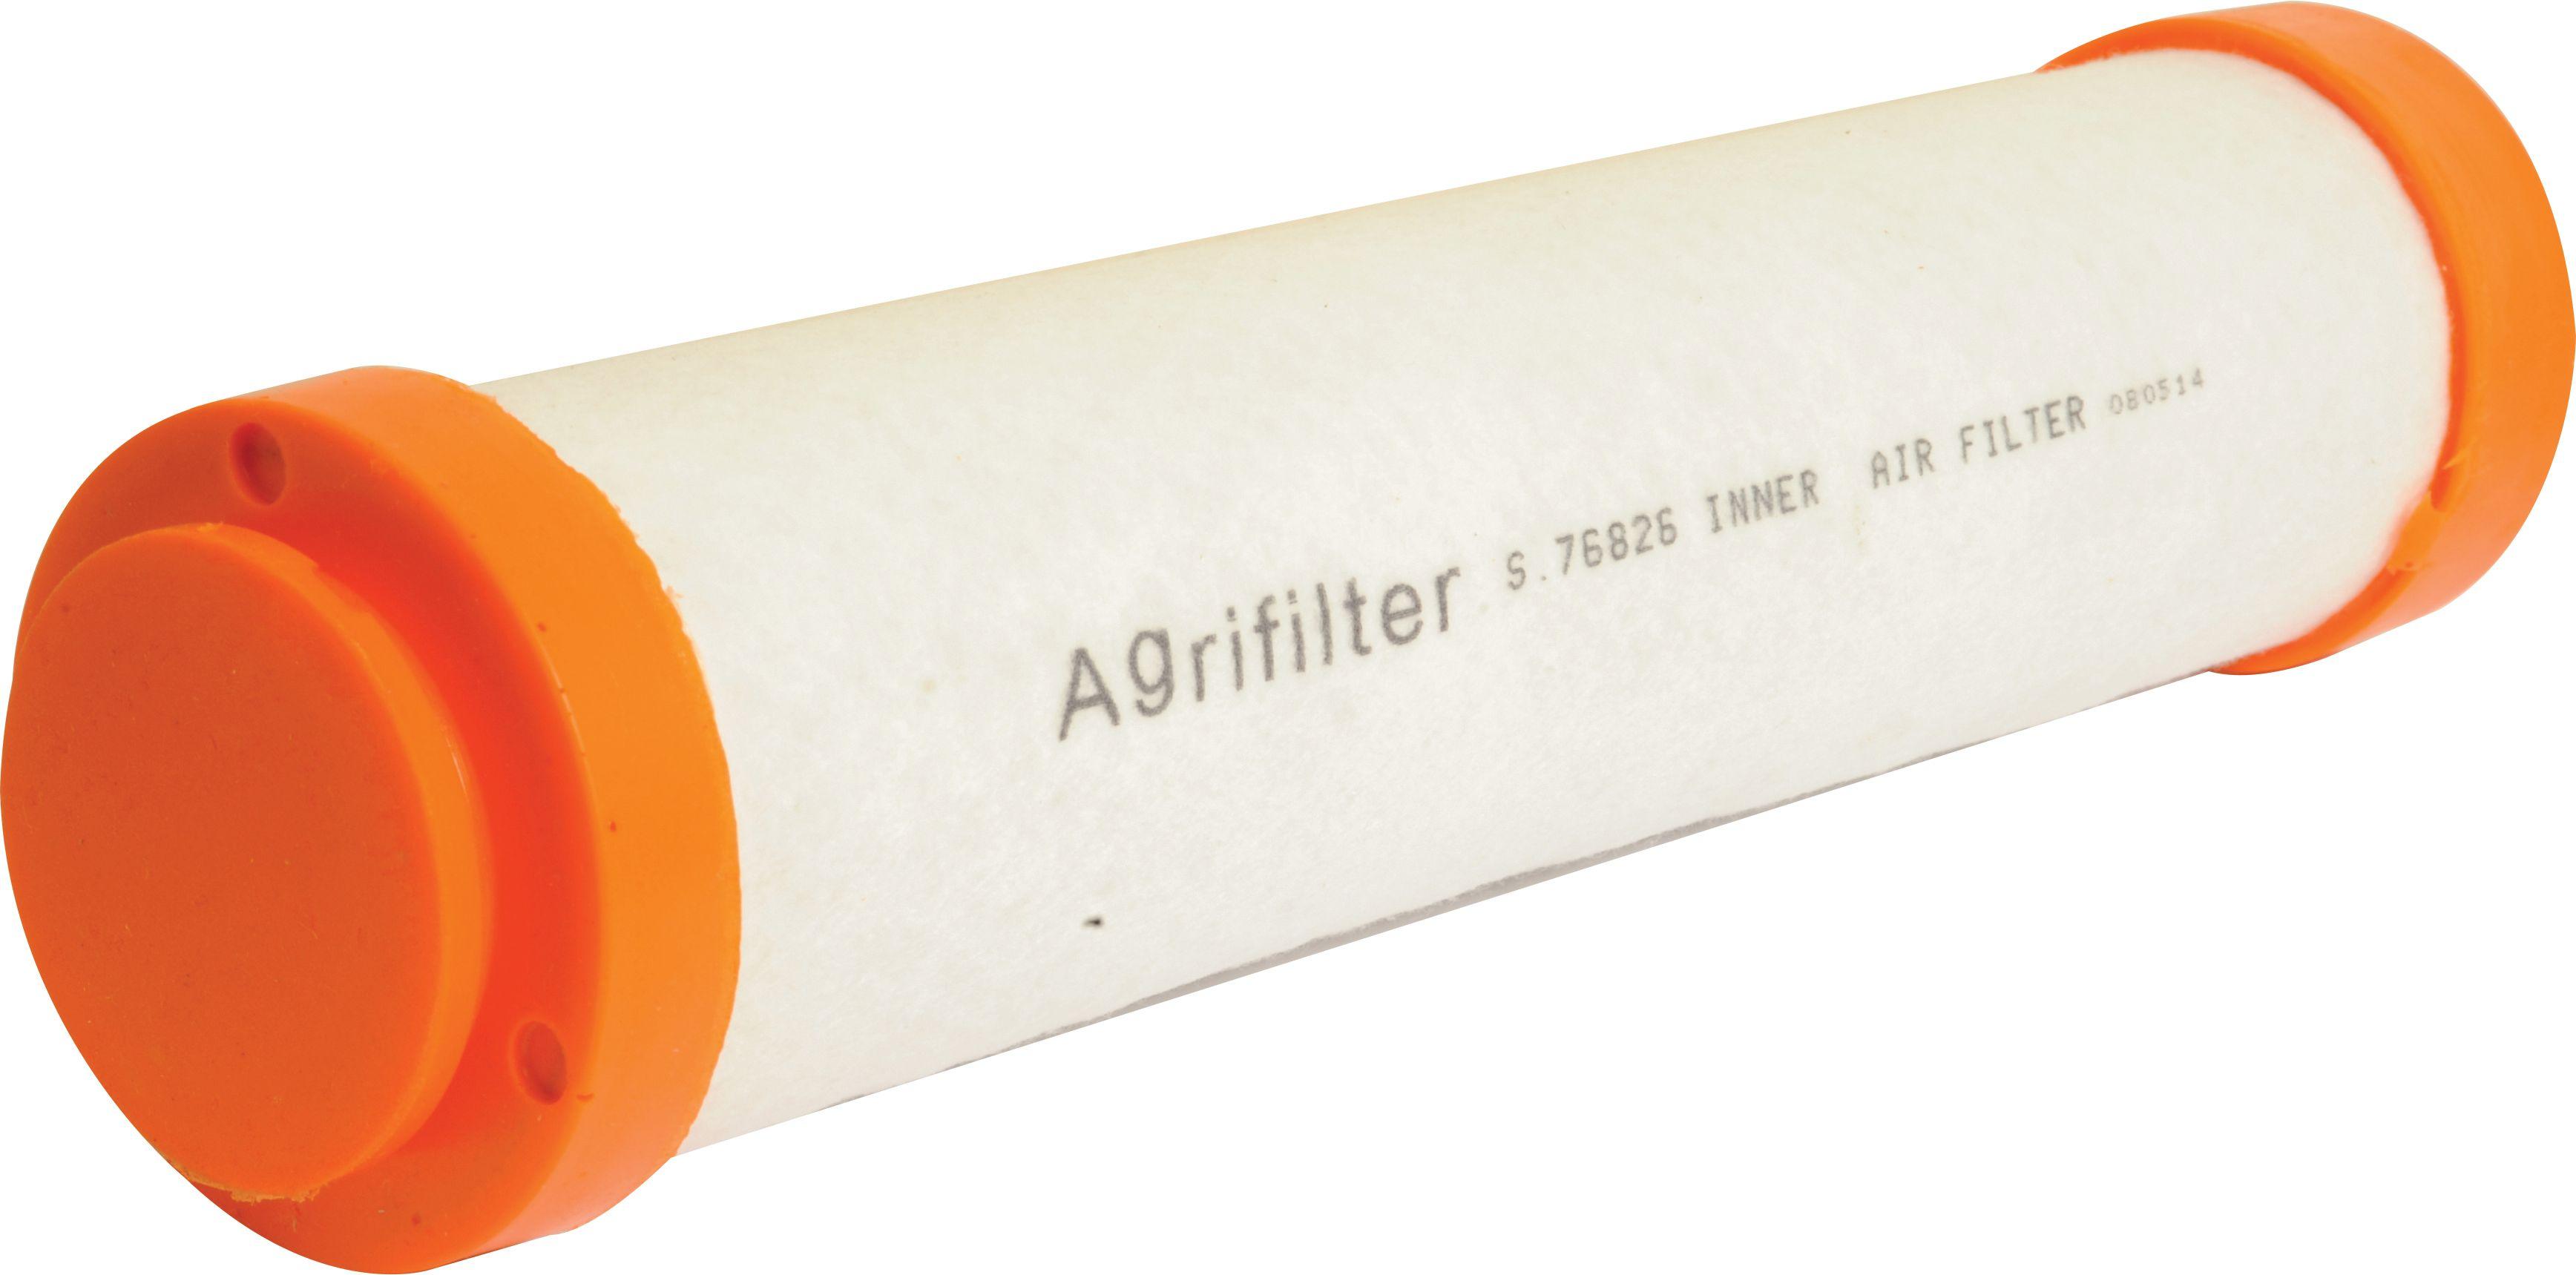 JCB INNER AIR FILTER 76826